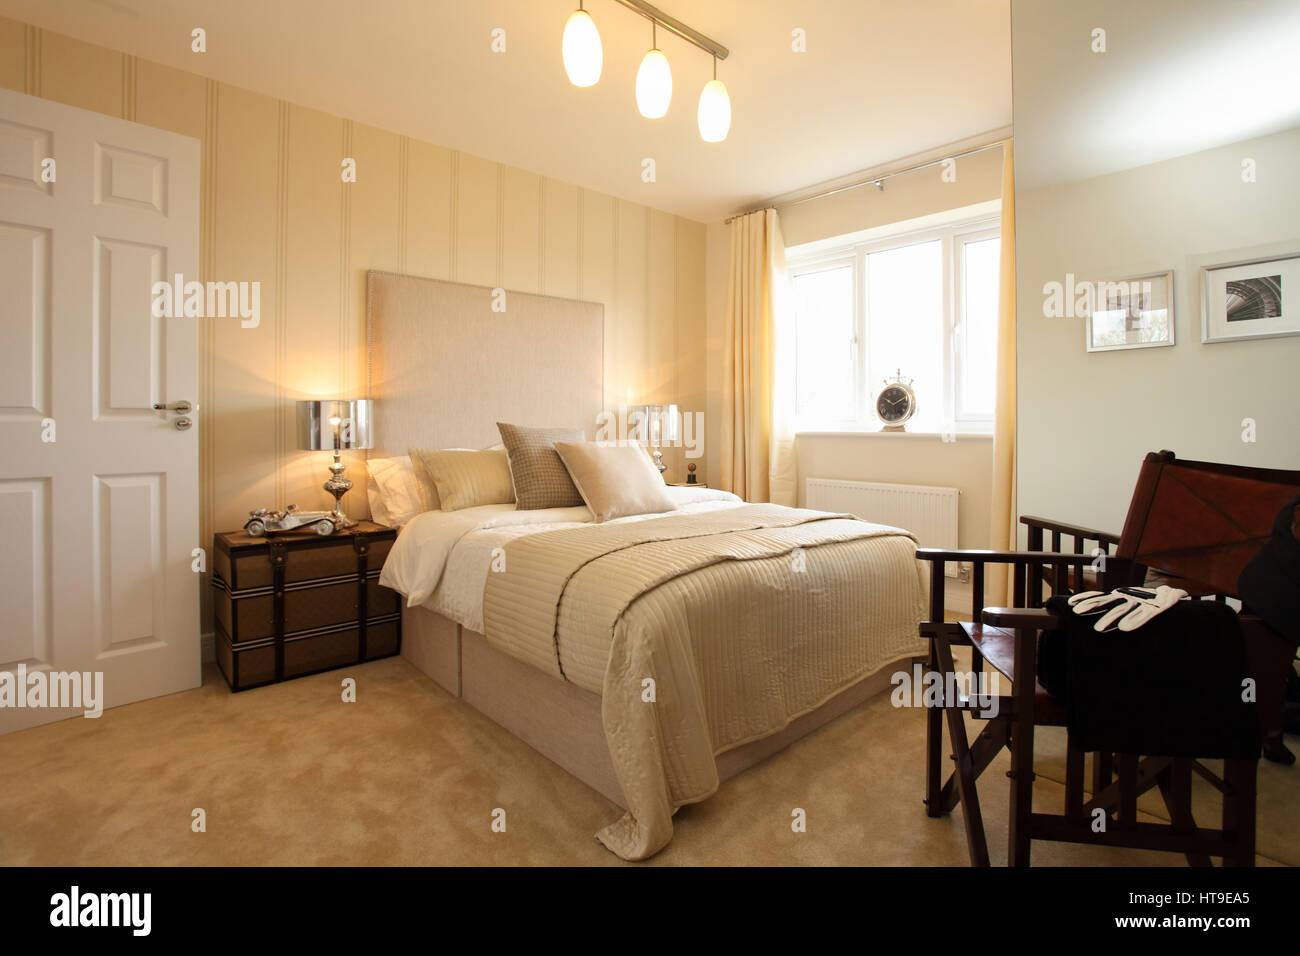 Wohngeb ude schlafzimmer gelbe creme dekor hell hell luftig tagesdecke creme kissen wurf - Tagesdecke schlafzimmer ...